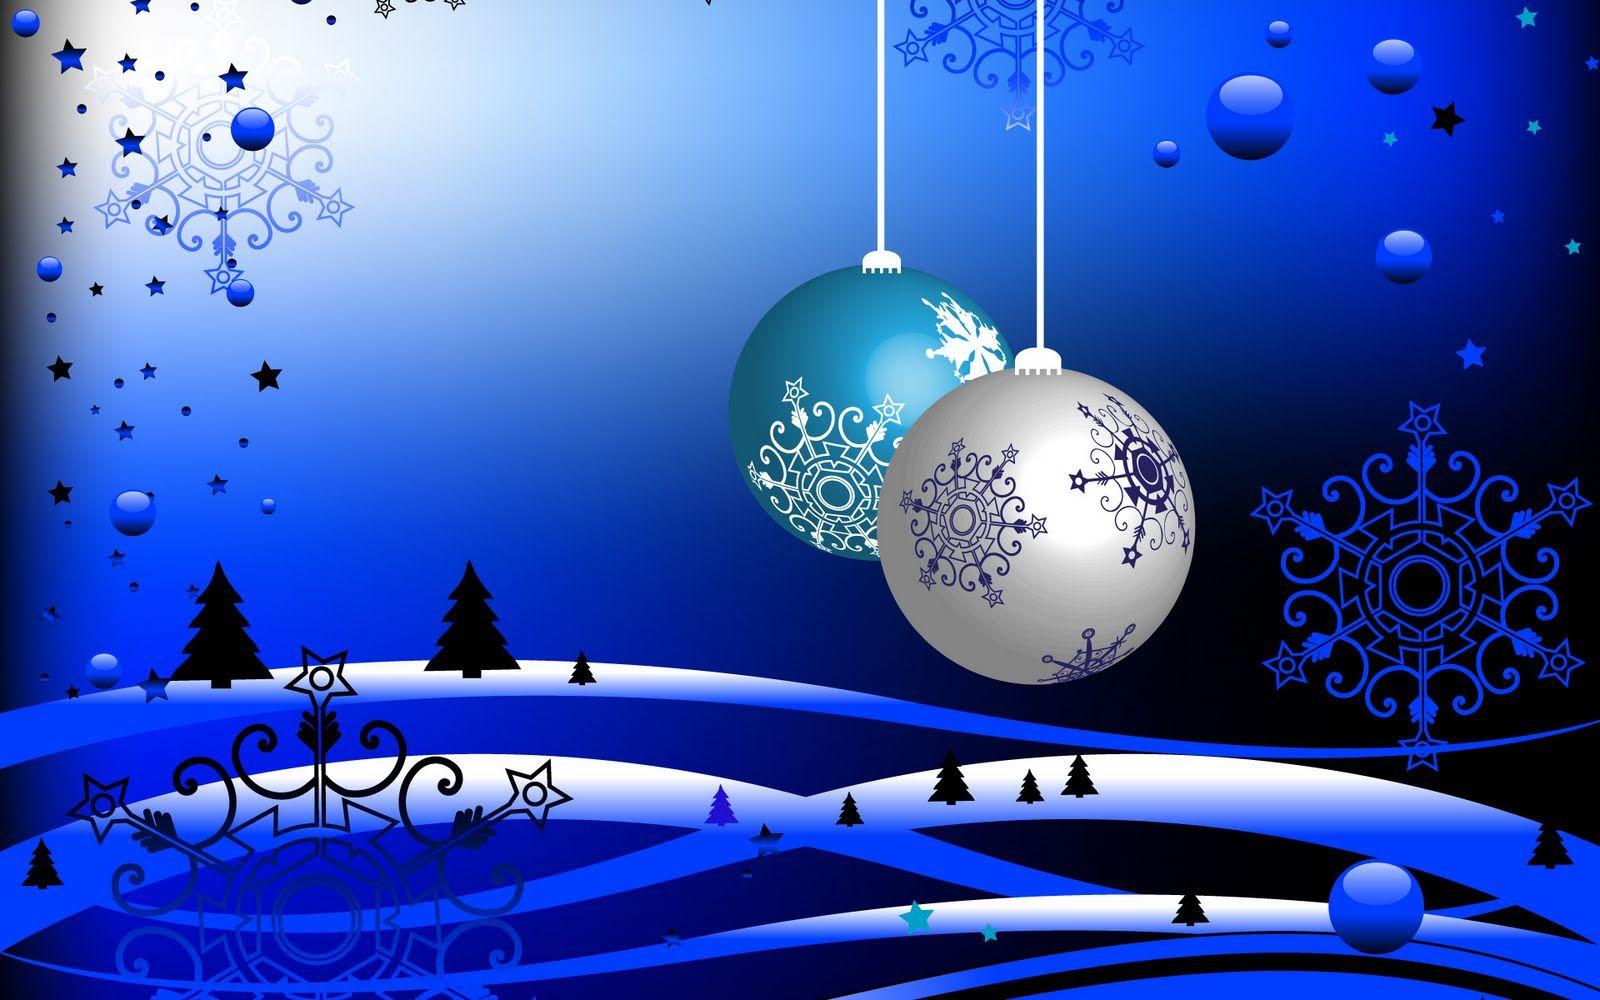 Tarjetas Navidad Gratuitas Para Colocar Foto En Hd Gratis 12 HD Wallpapers